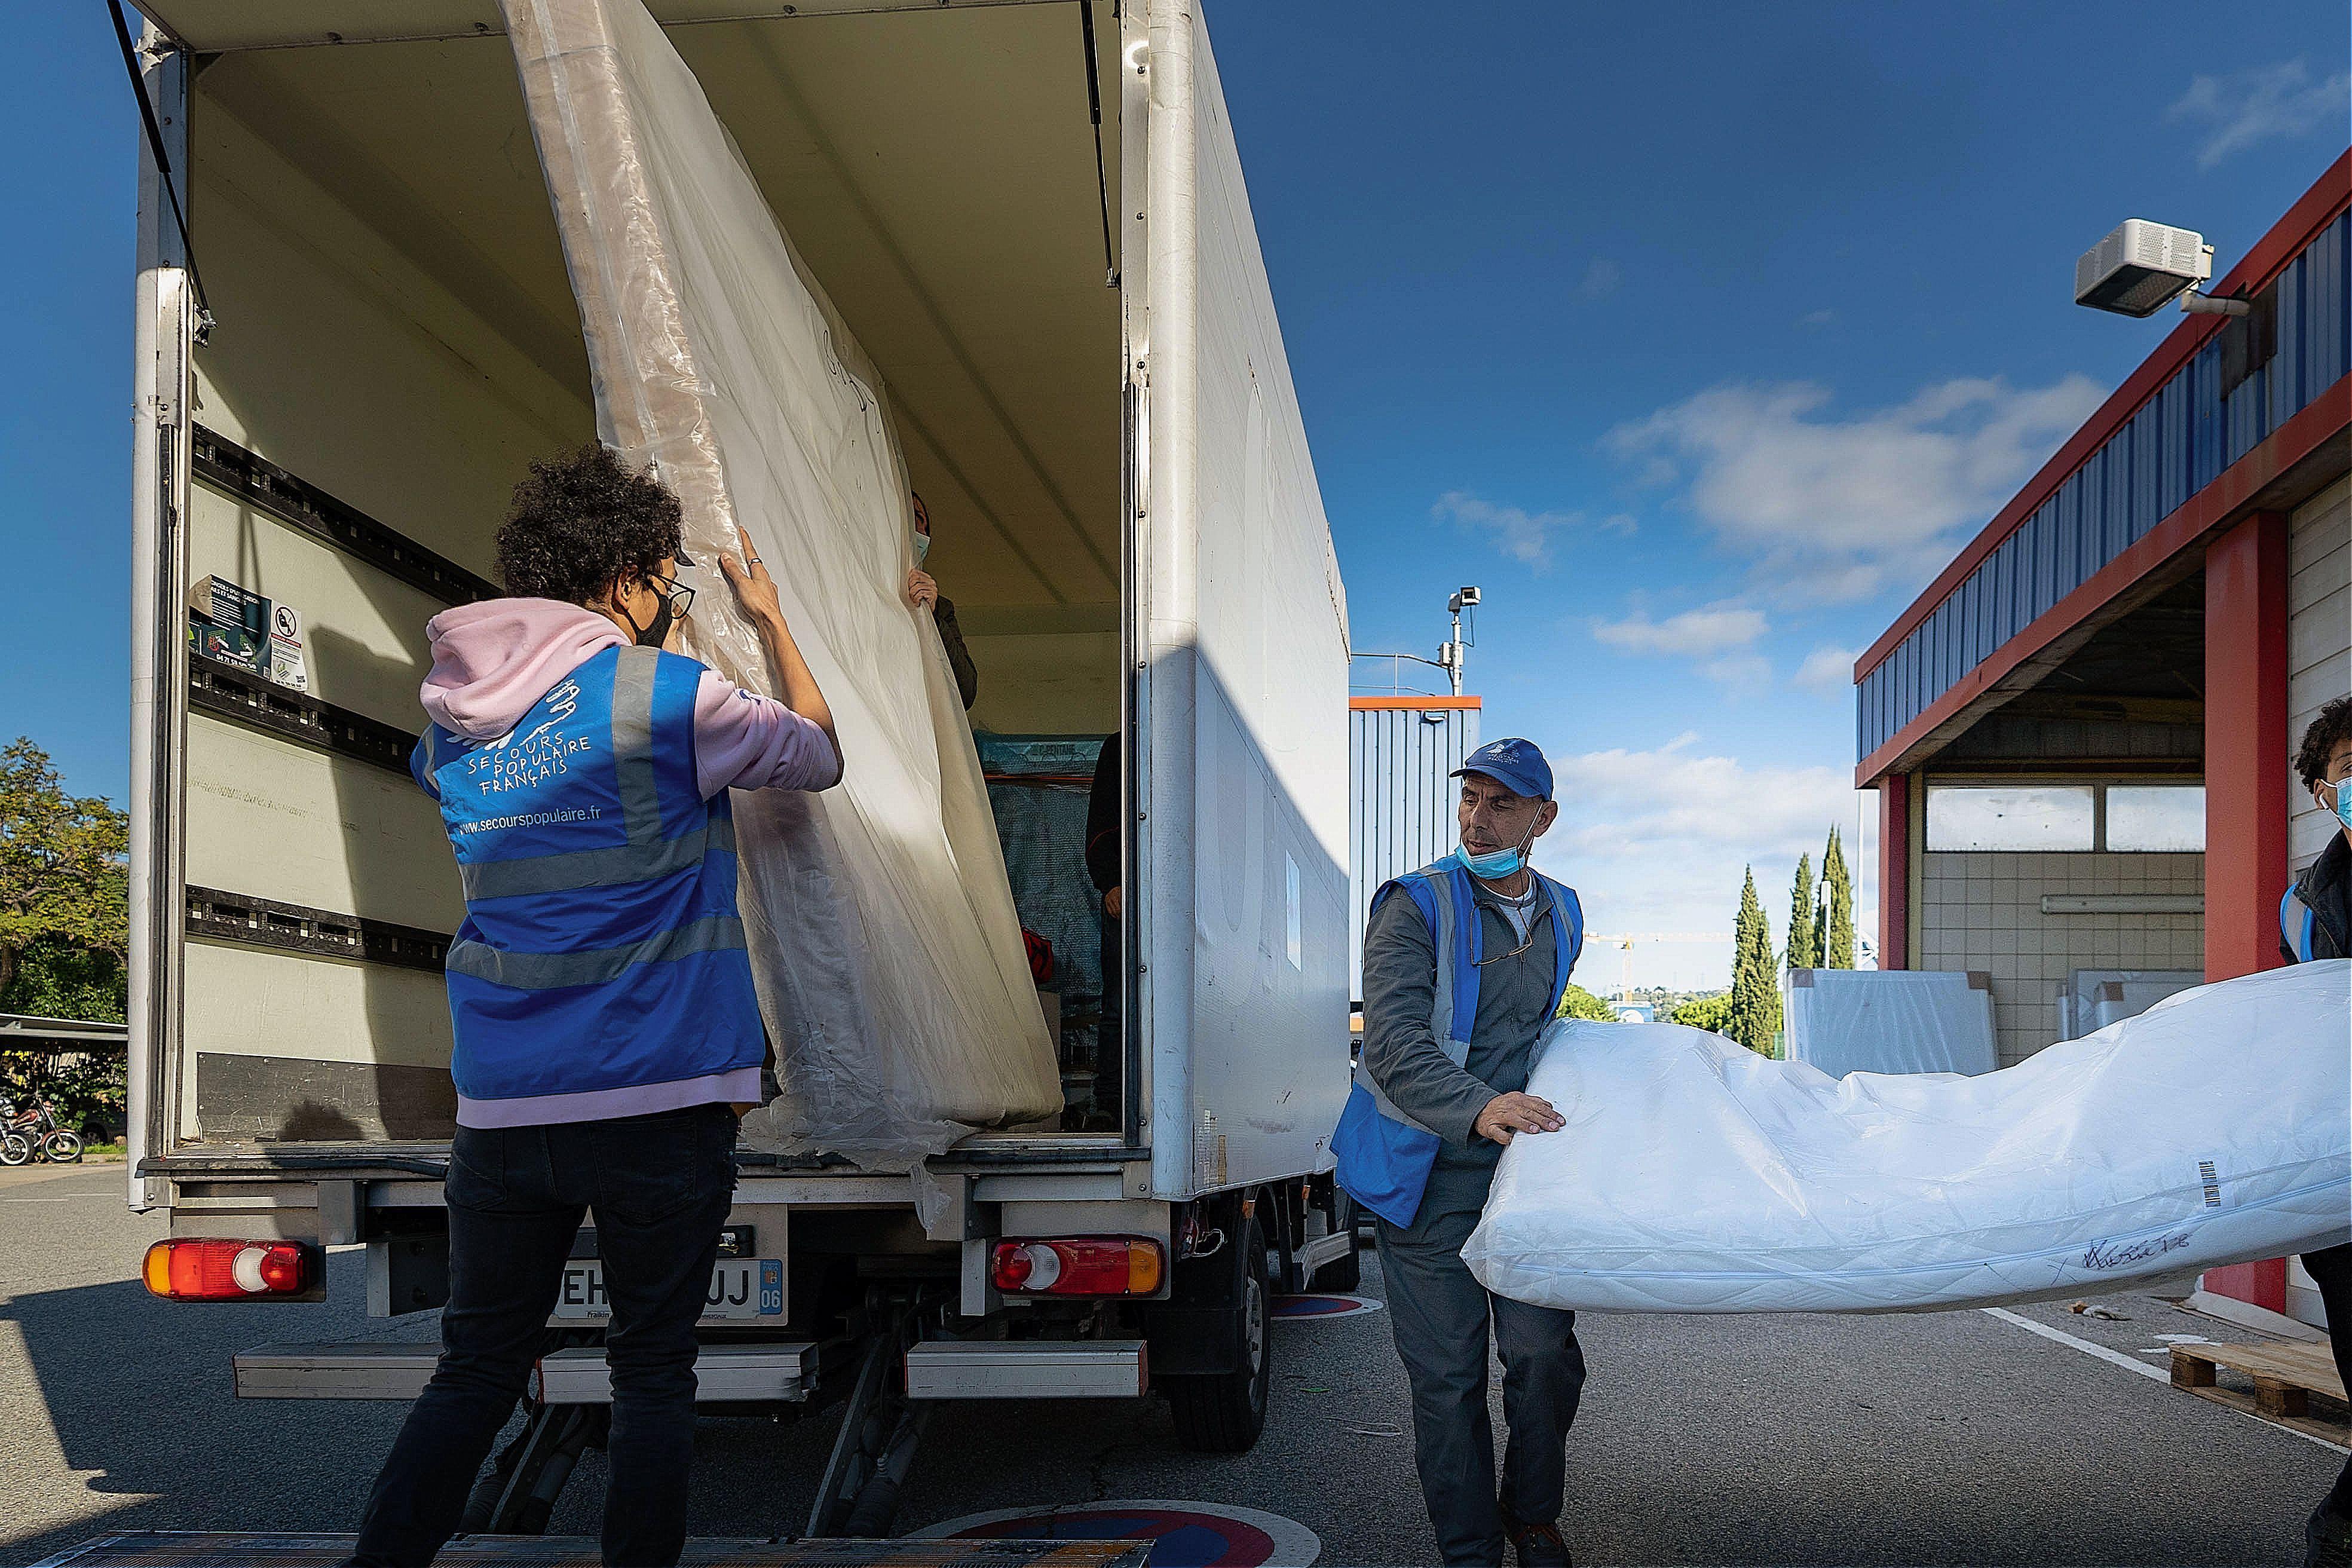 Les jeunes bénévoles de Nice chargent des dizaines de matelas, fournis entre autres par la fédération de l'Eure-et-Loir du SPF. Direction : Saint-Martin-de-la-Vésubie.